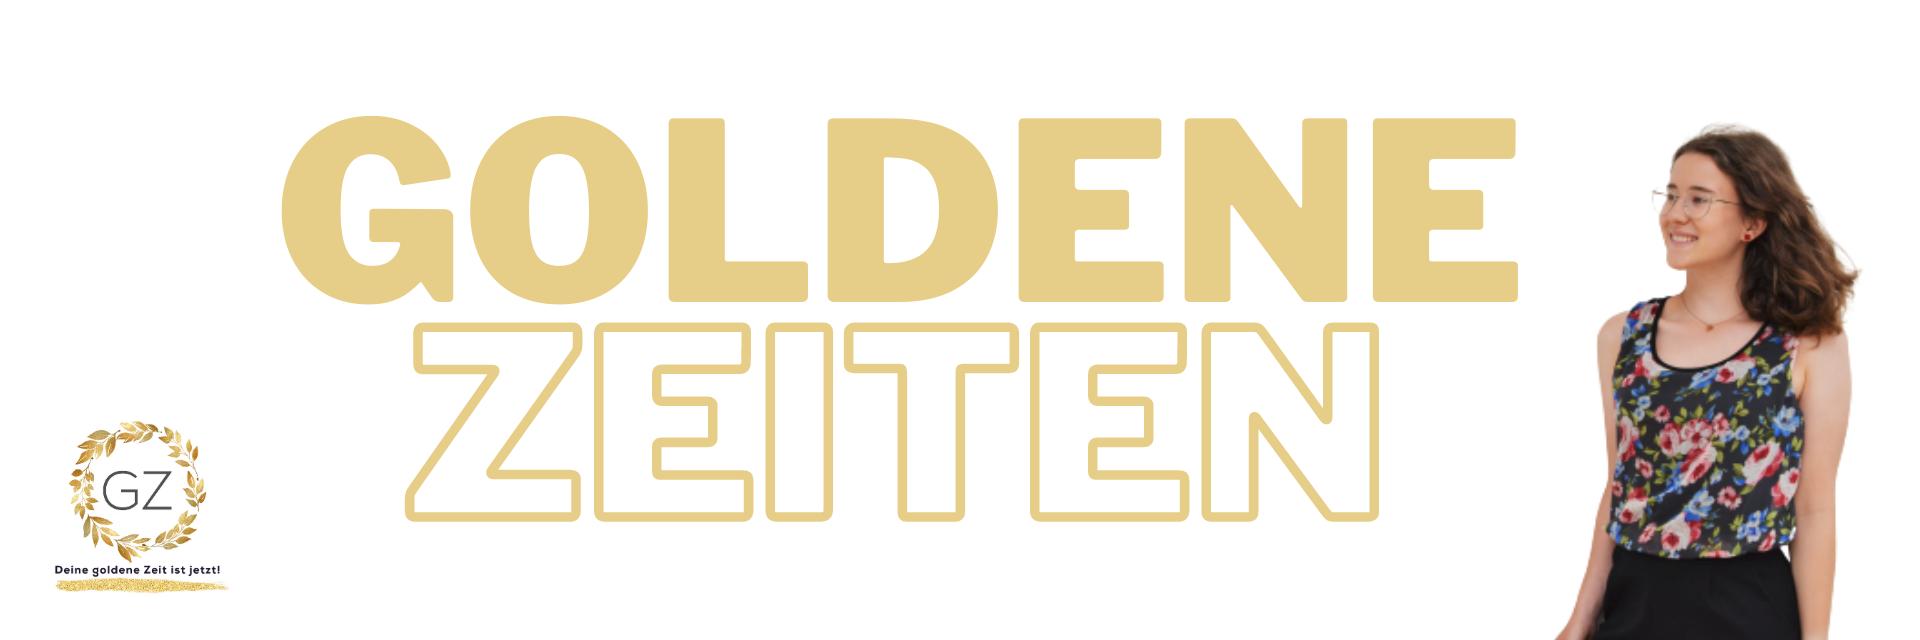 Goldene Zeiten – Lena Wagenführer